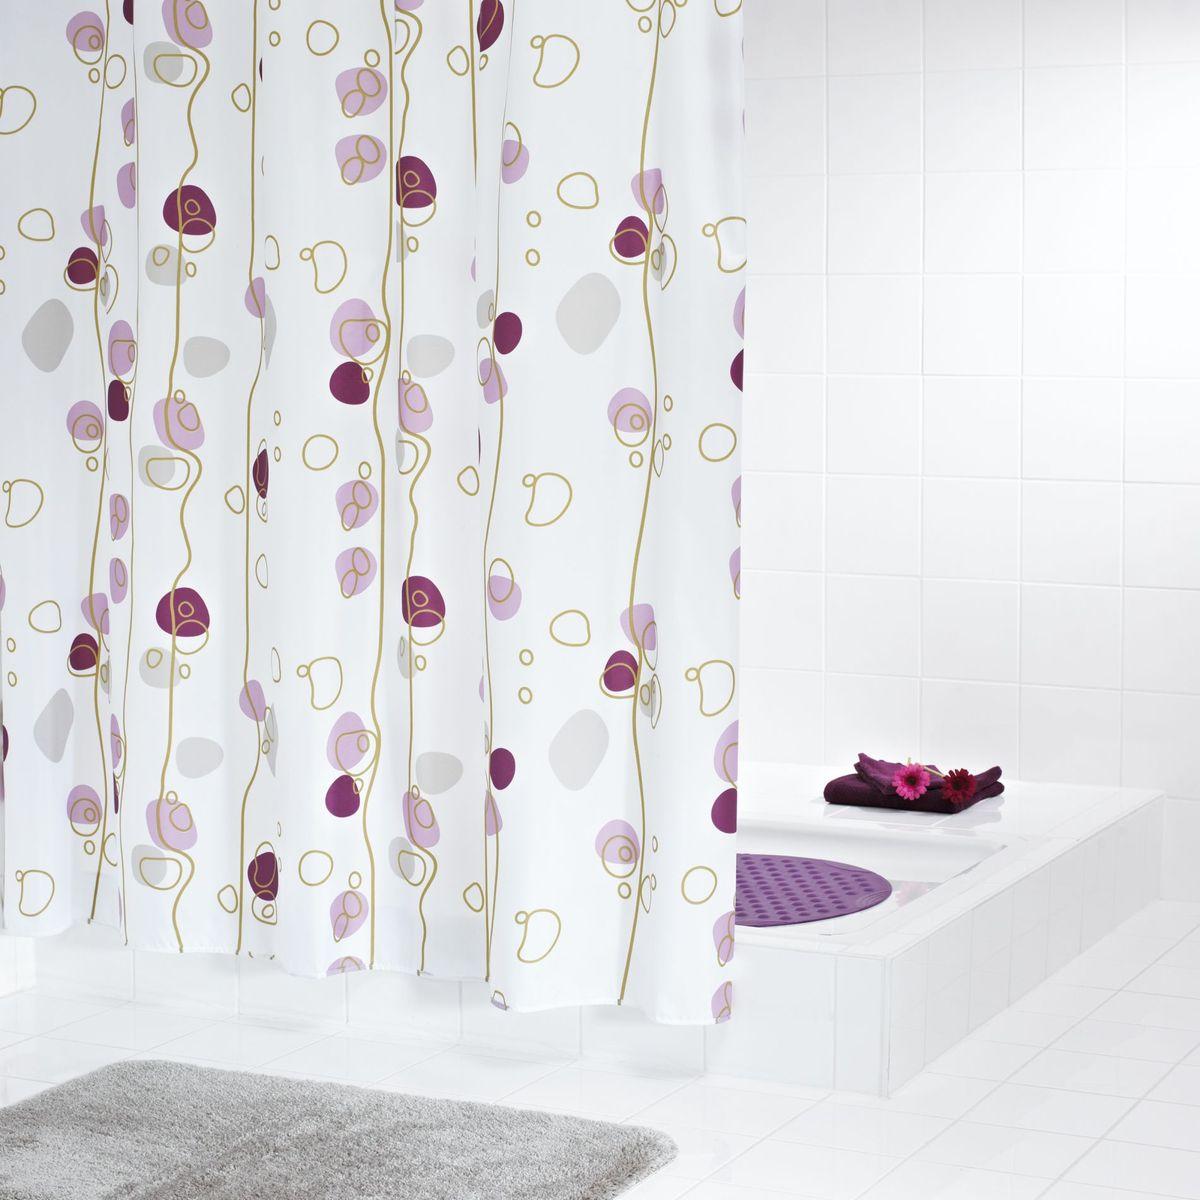 """Высококачественная немецкая шторка Ridder """"Soaring"""" создаст прекрасное  настроение в ванной комнате.  Данное изделие имеет антигрибковое, водоотталкивающее и антистатическое  покрытие и утяжеленный нижний кант. Машинная стирка.  Глажка при низкой температуре."""